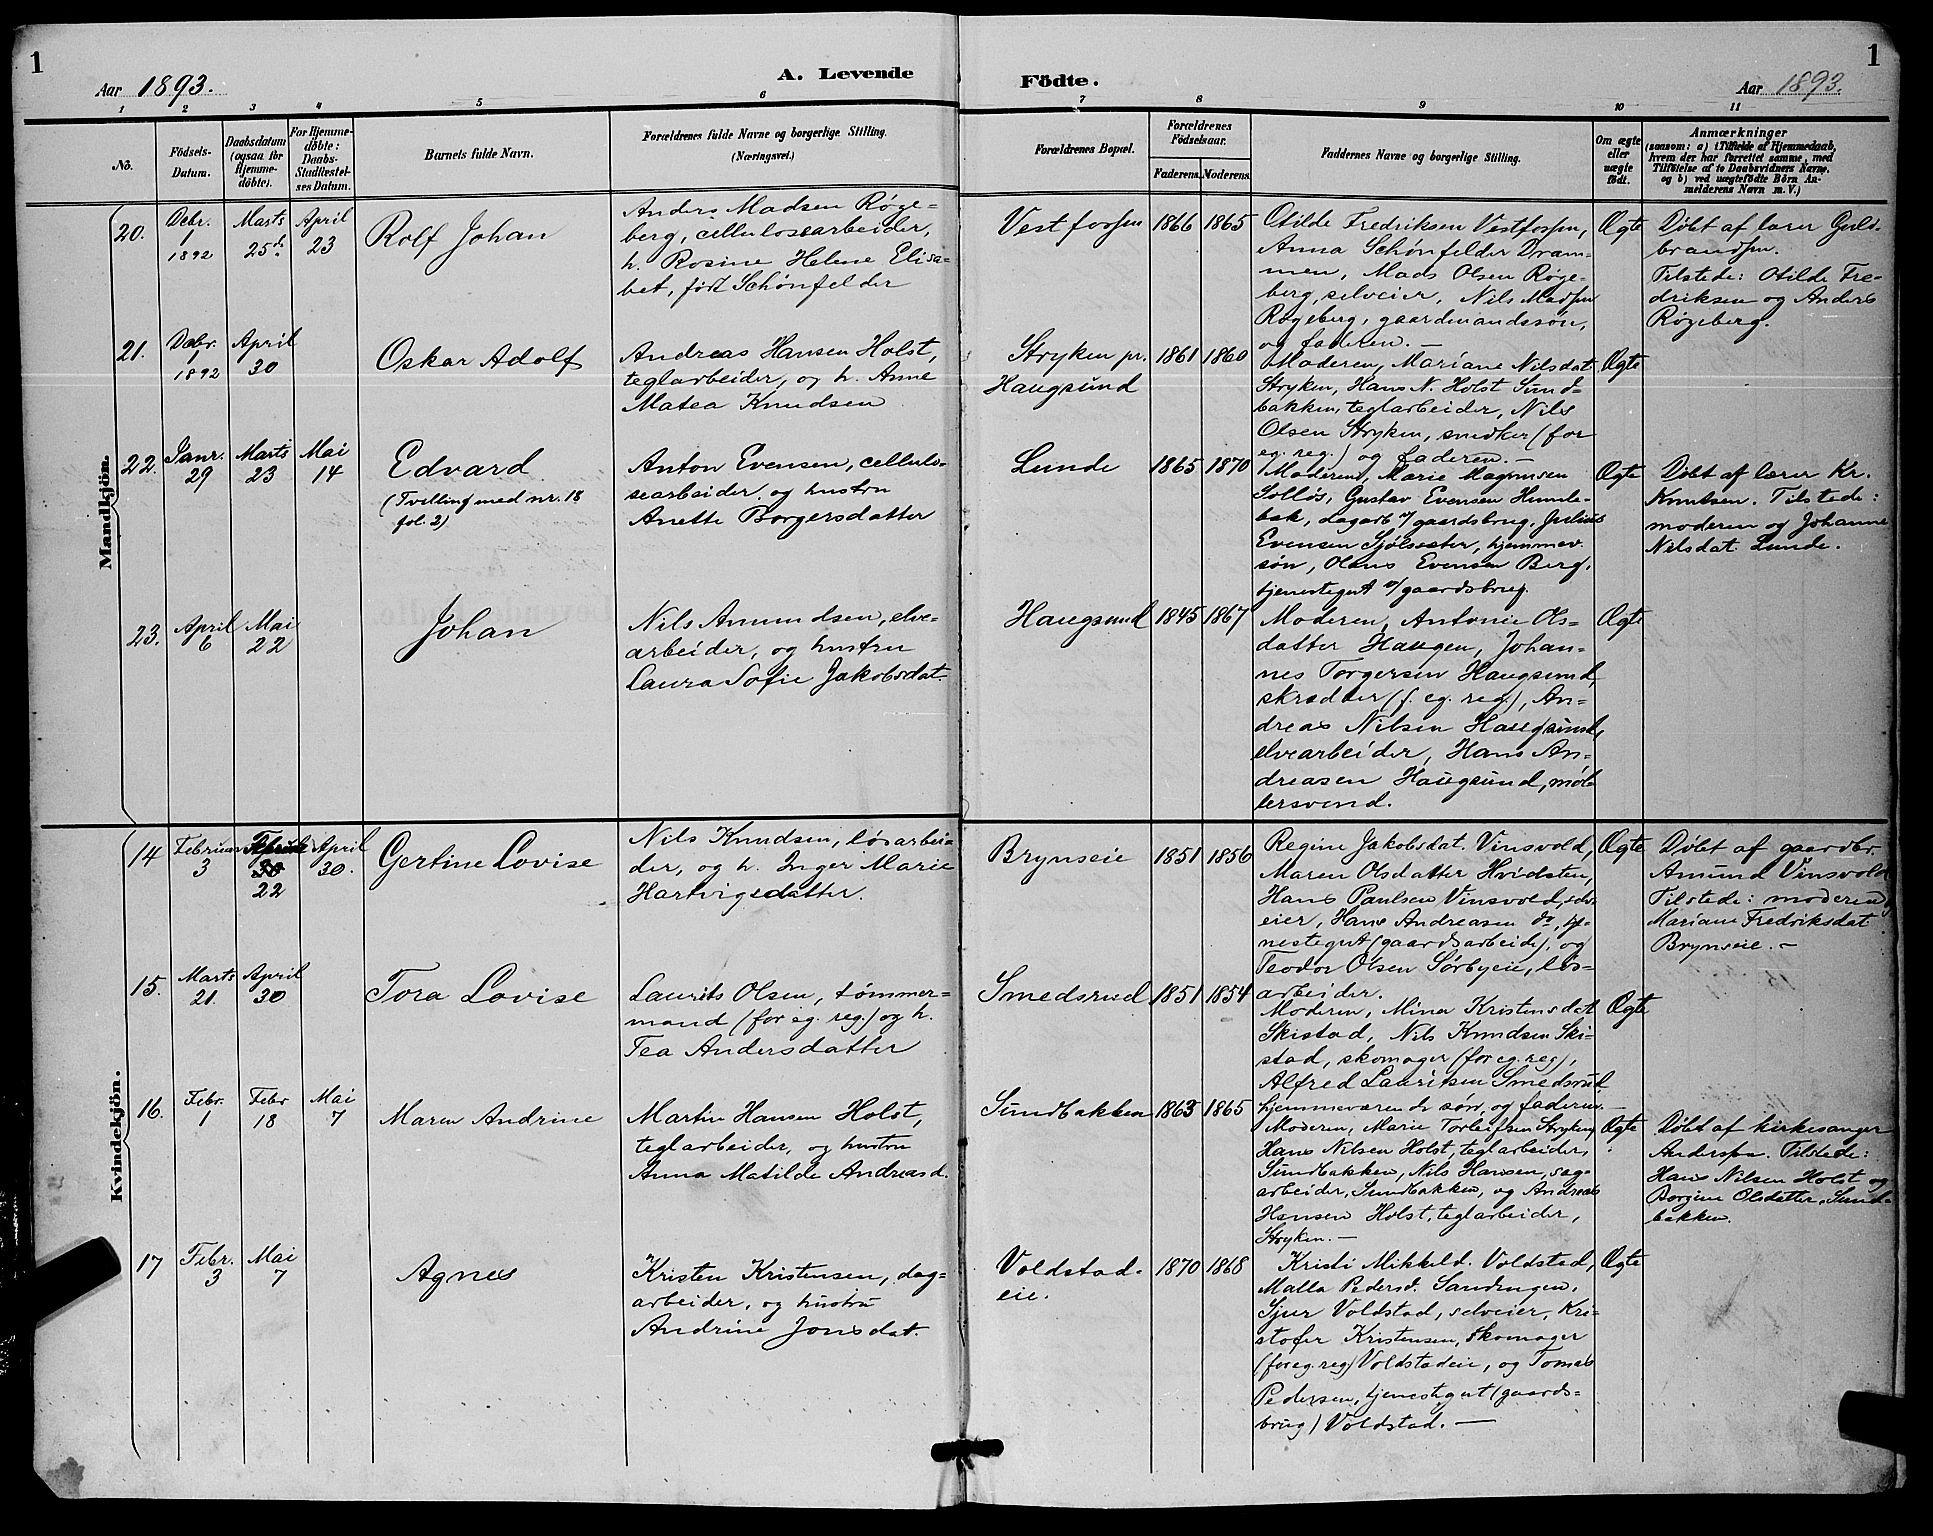 SAKO, Eiker kirkebøker, G/Ga/L0007: Klokkerbok nr. I 7, 1893-1902, s. 1